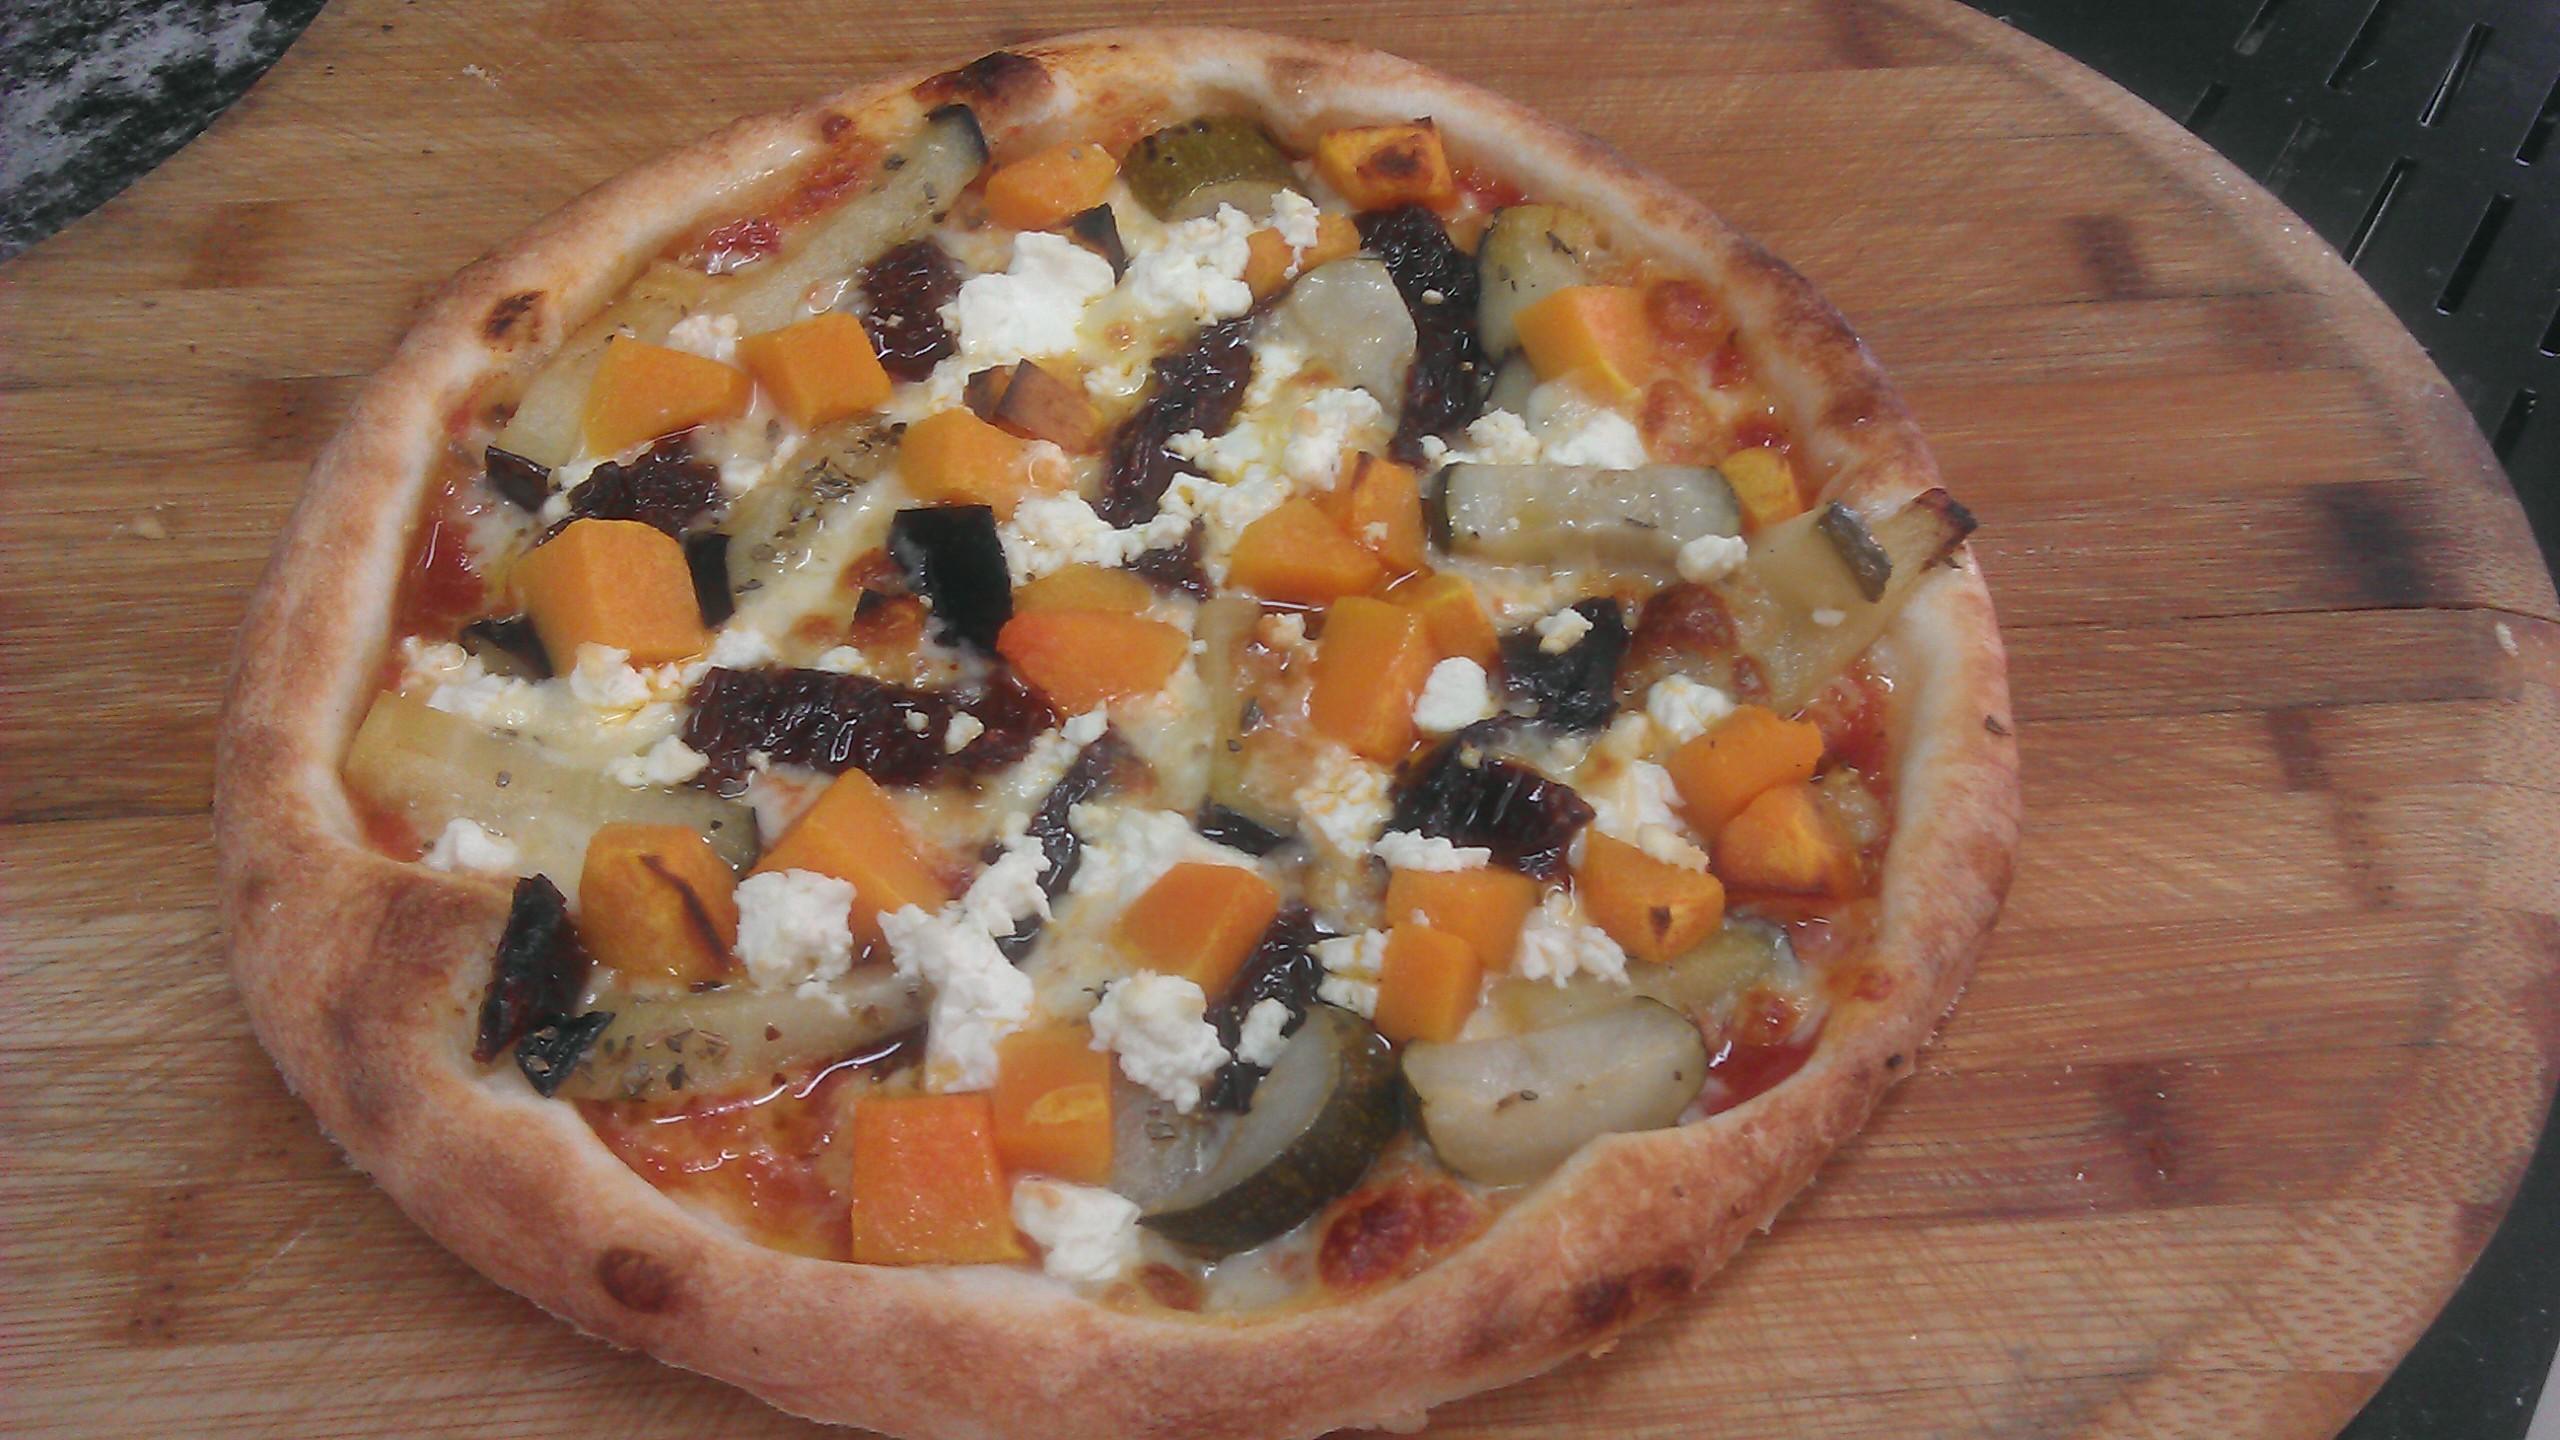 Pizza di Zucca (Vegetarian) - homemade pizza sauce, mozzarella ...